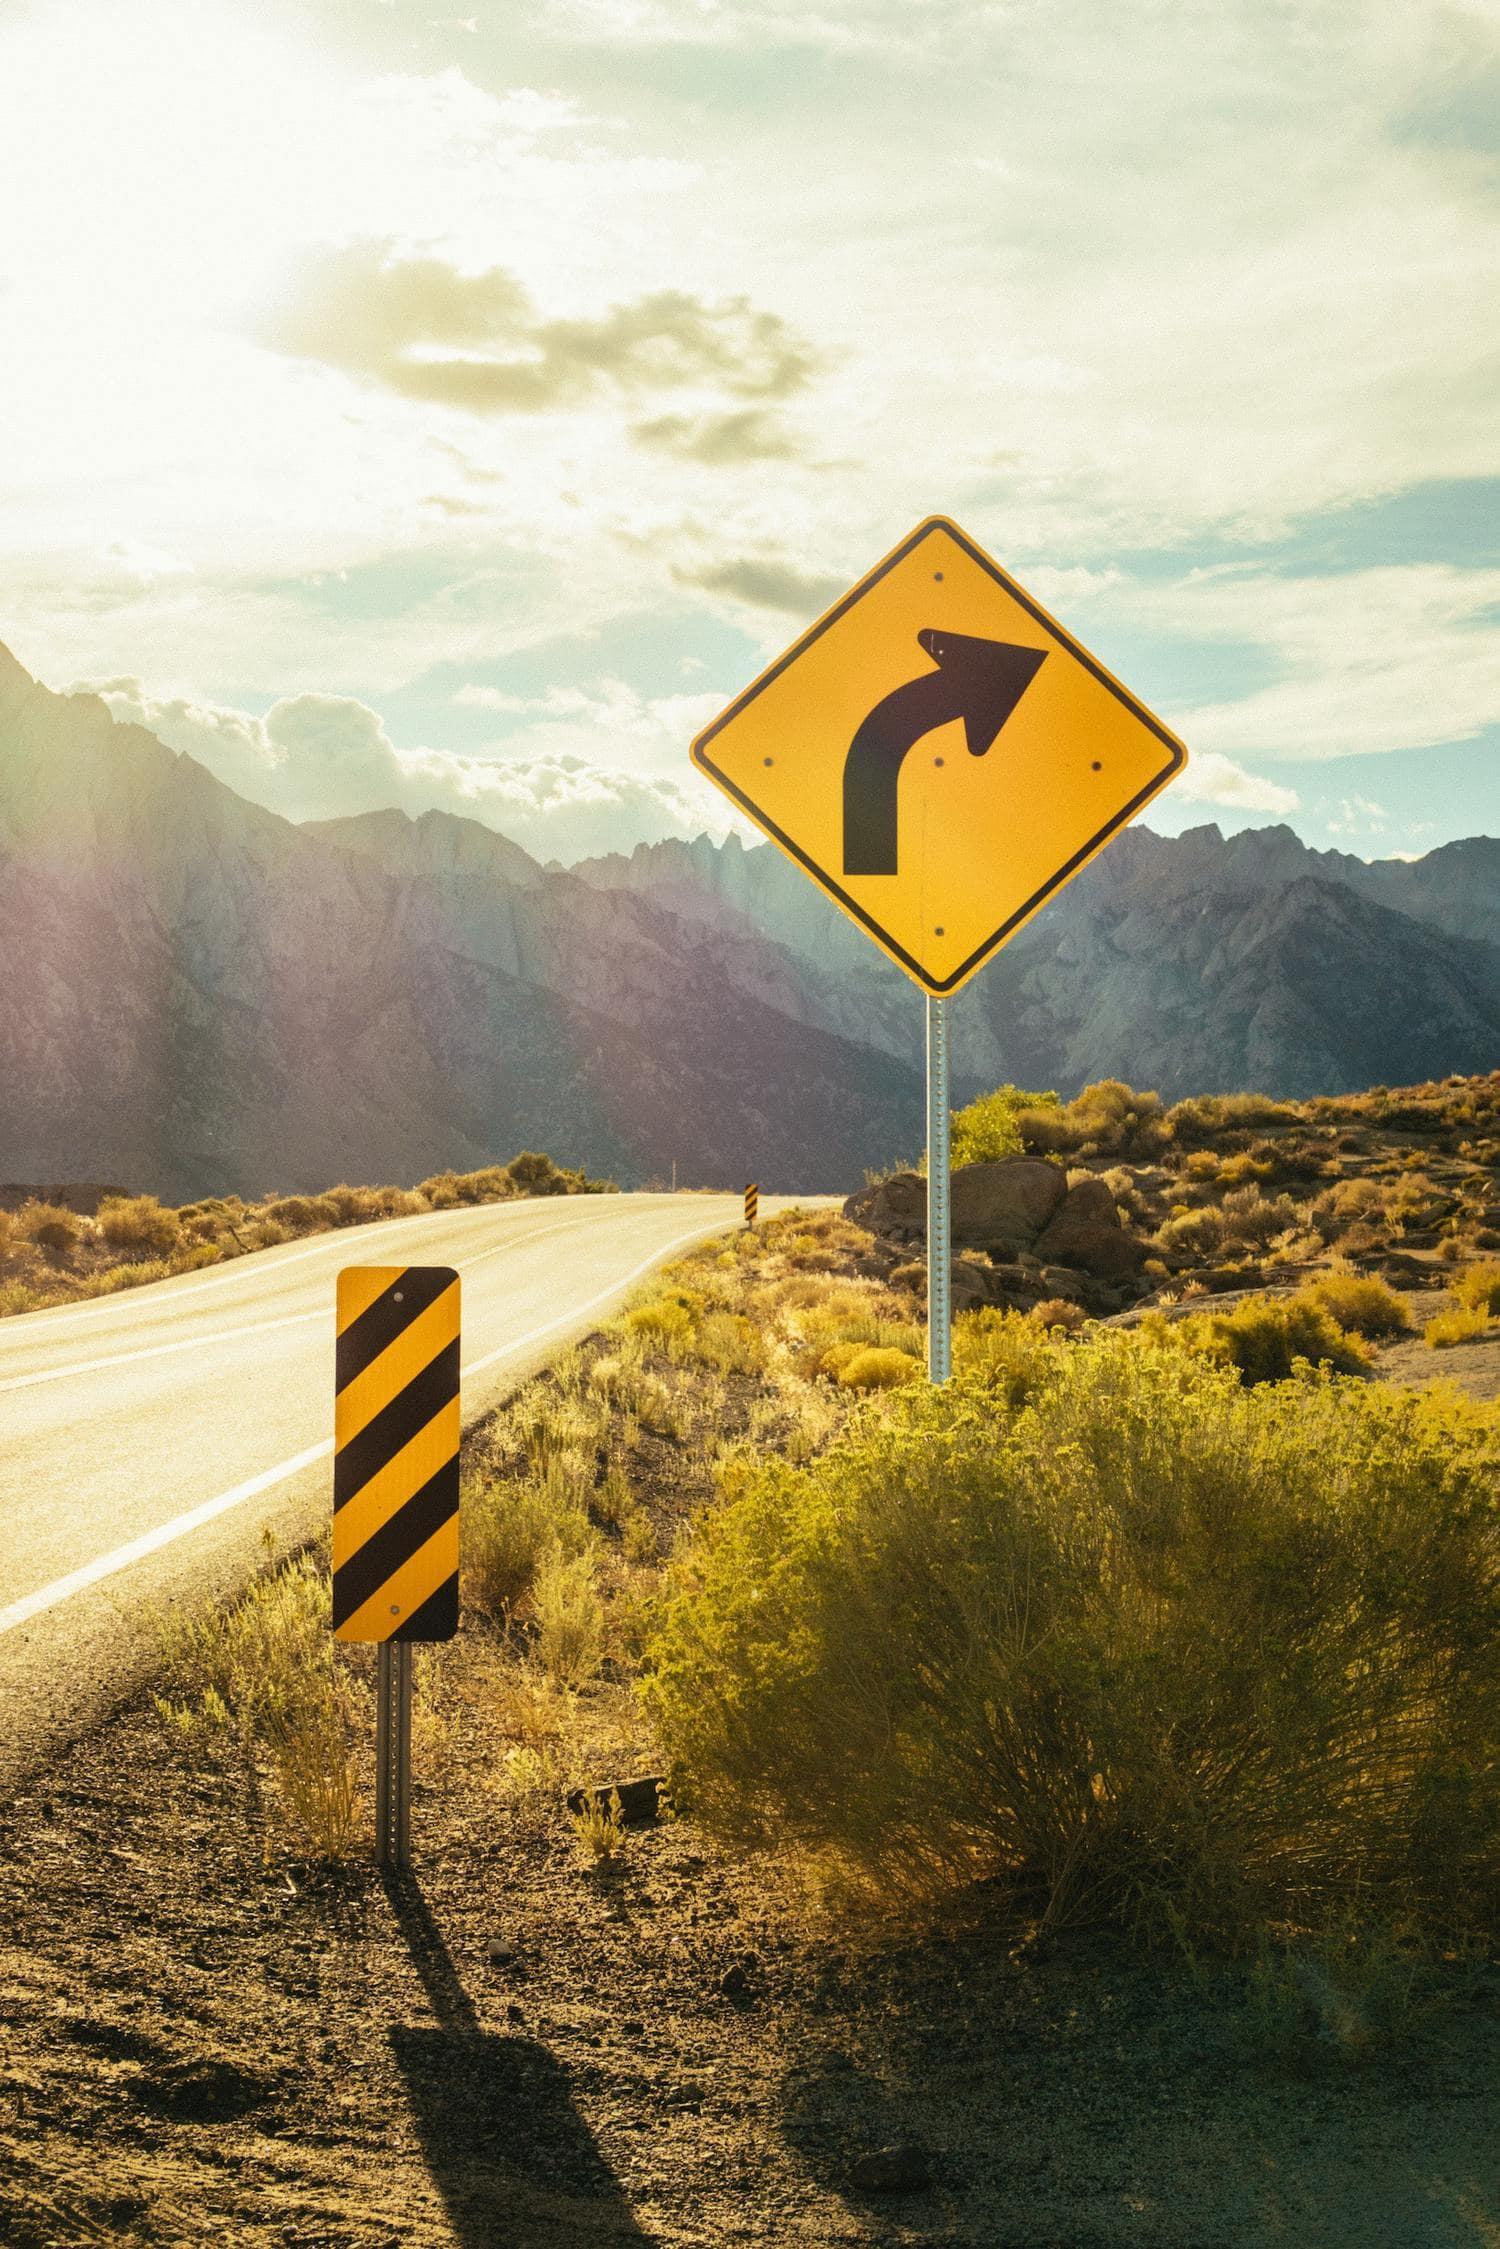 Carretera con señales en amarillo